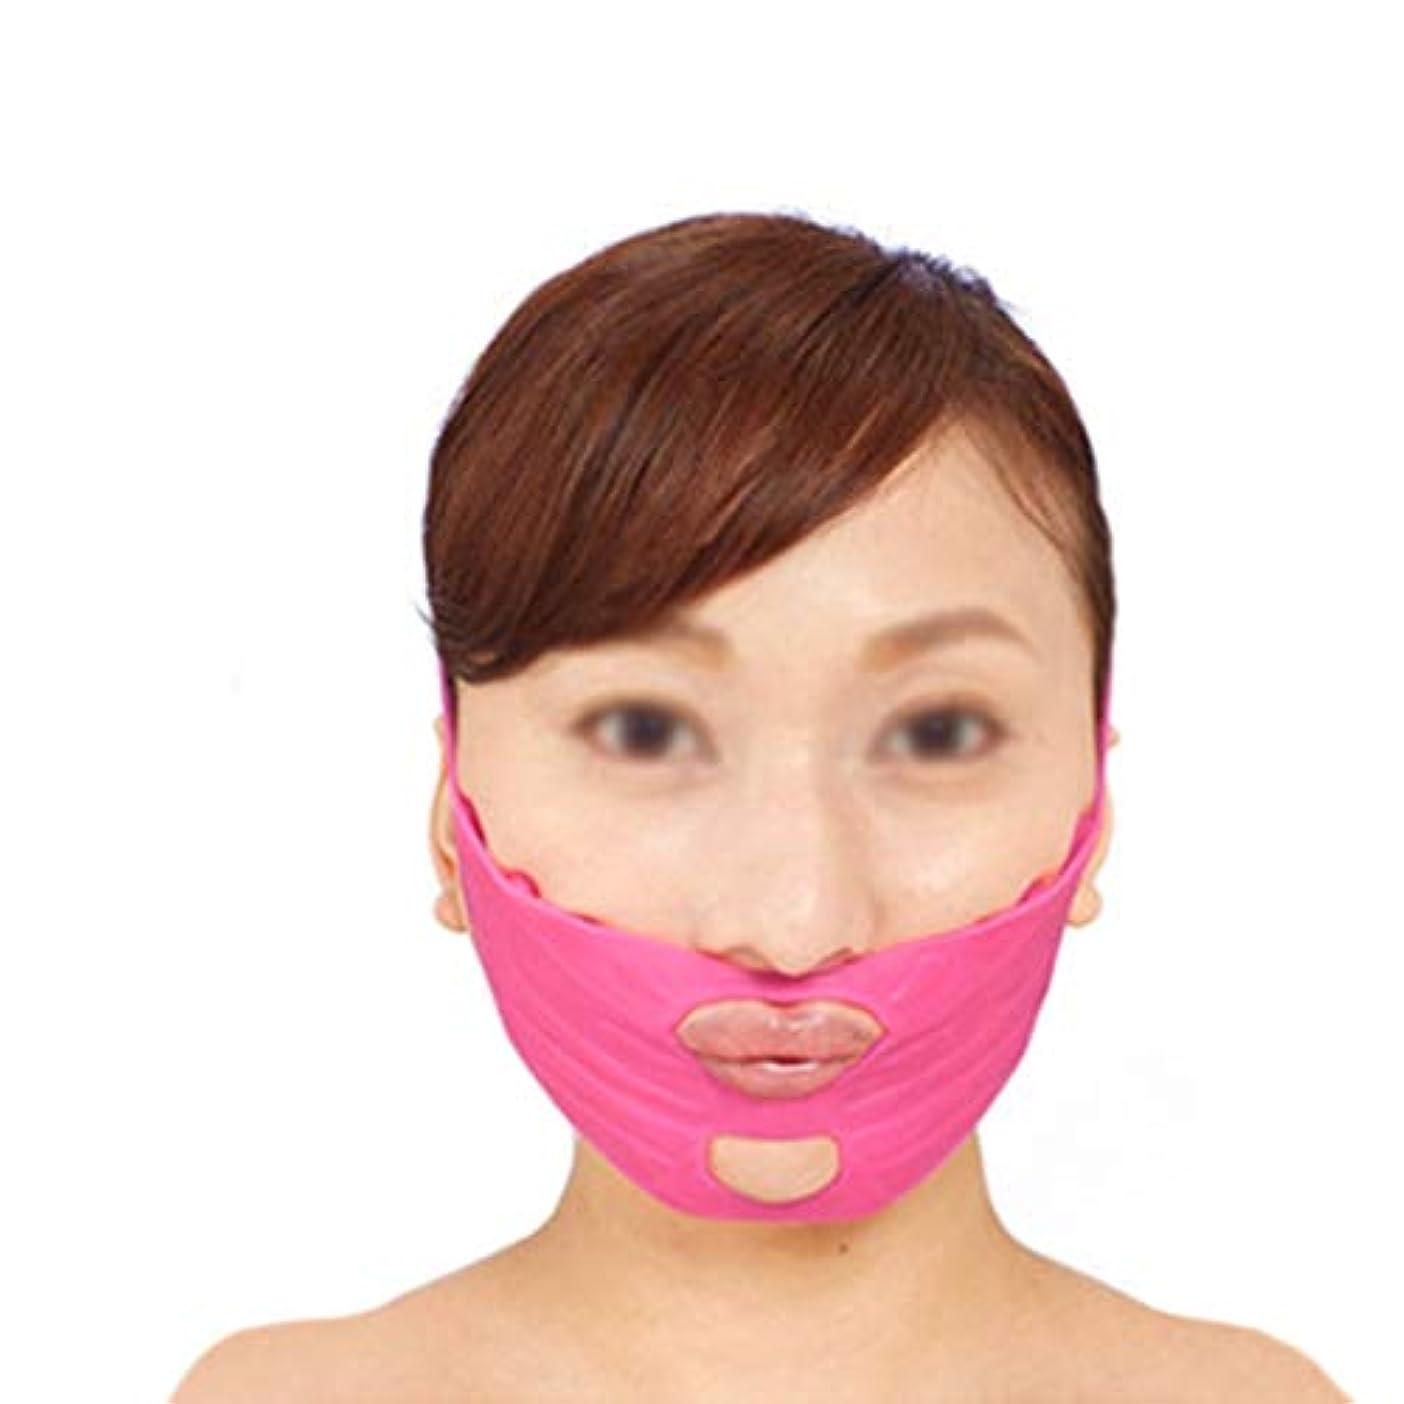 不幸コンピューターゲームをプレイする無意識フェイスストラップ付きマスク、プルアップフェイスマスク、フェイスリフティングマスク、フェイス締め付け包帯、フェイスリフティング包帯、フェイスバンドを持ち上げて二重あごを減らす(ピンク、ワンサイズ)